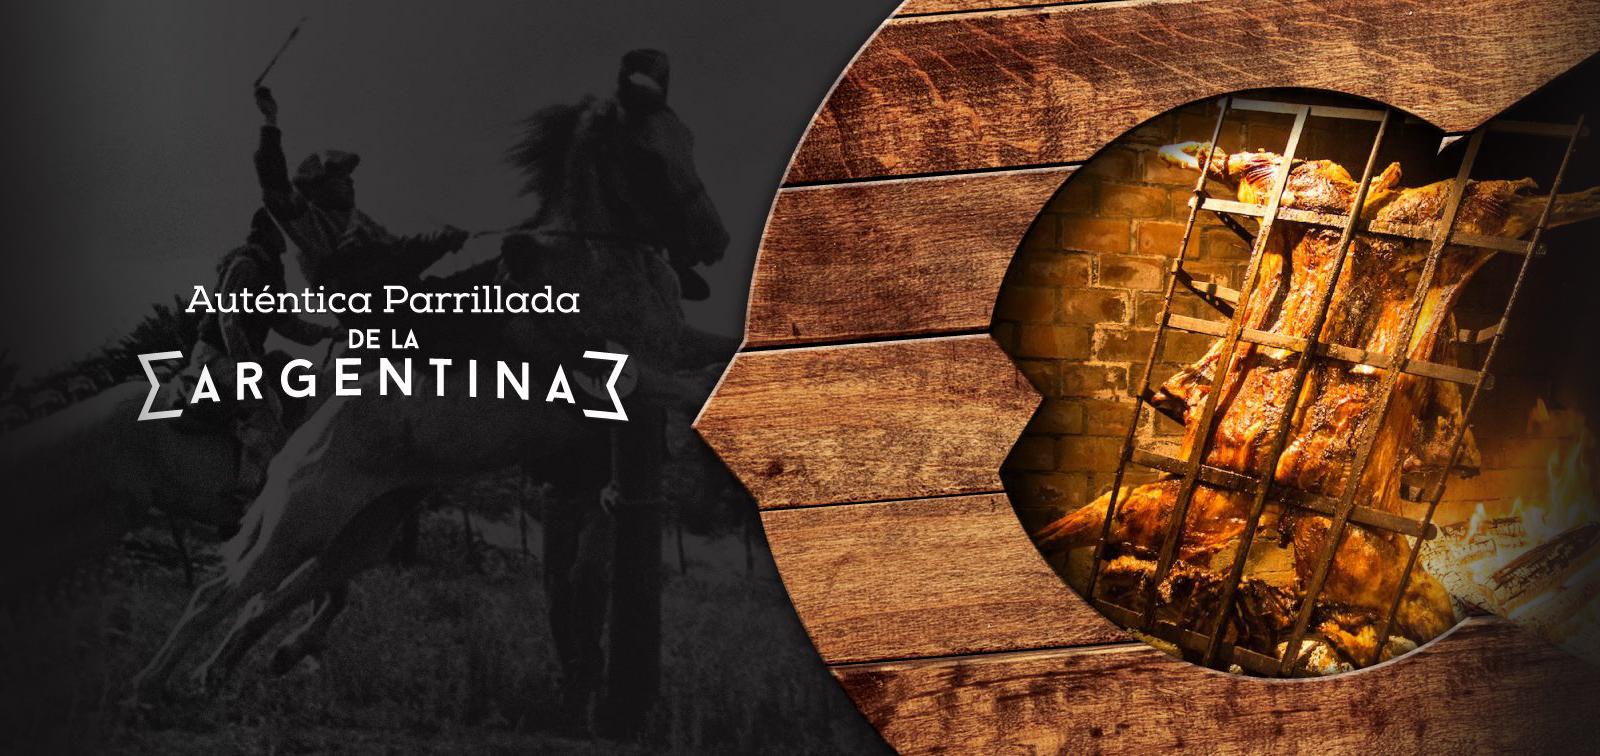 Autentica-parrilla-Argentina